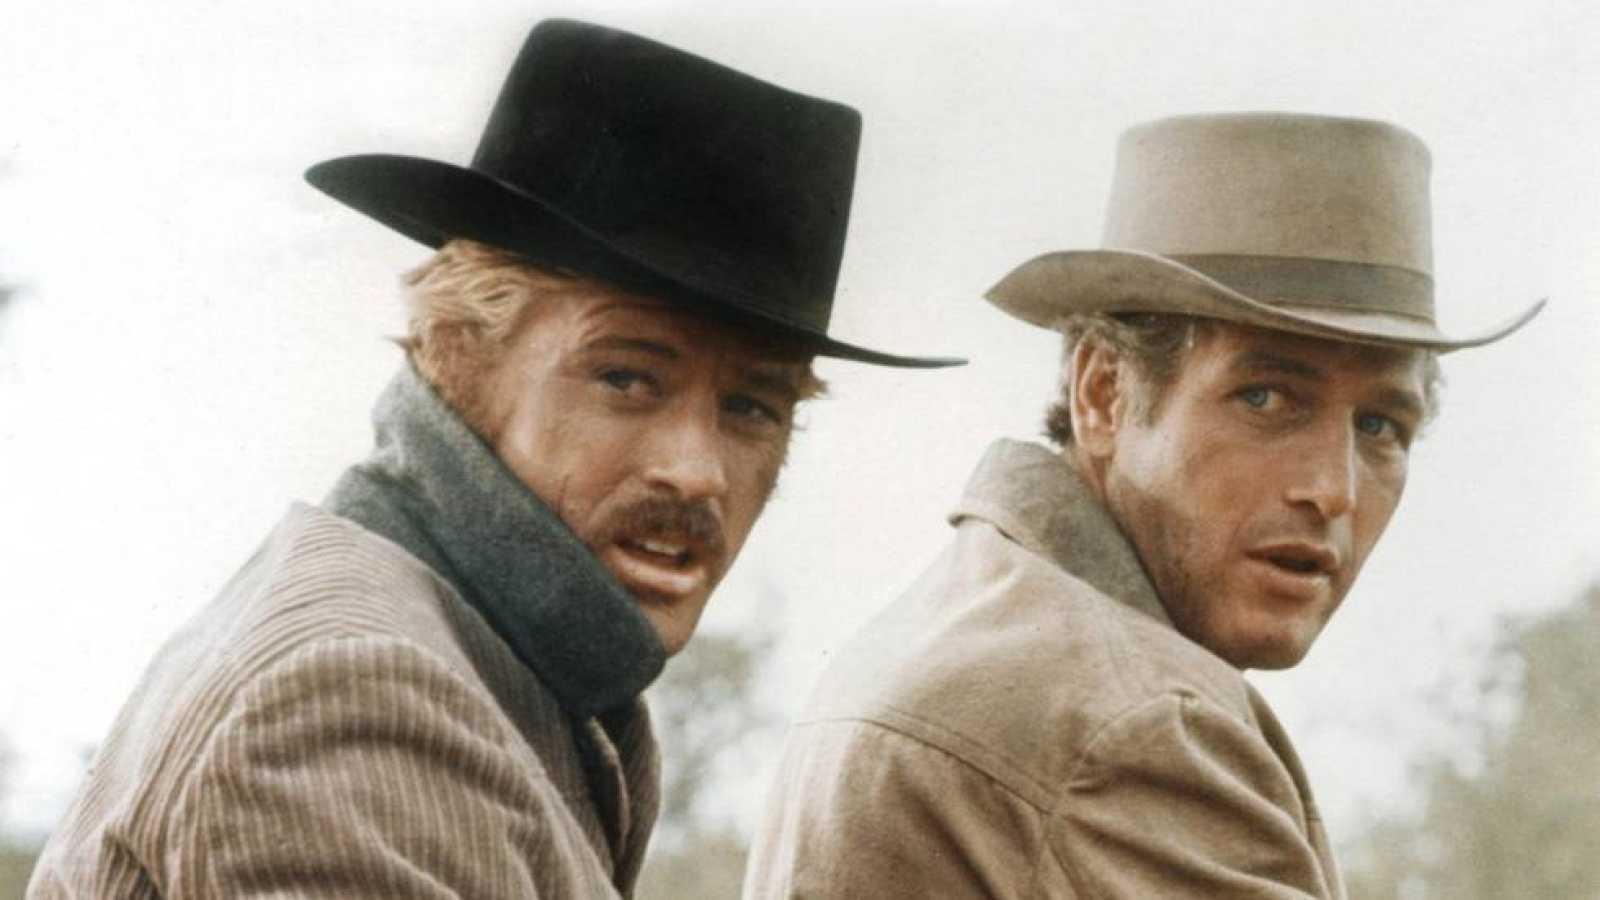 'Dos hombres y un destino', la película que unió a Newman y Redford, este lunes en Días de Cine Clásico